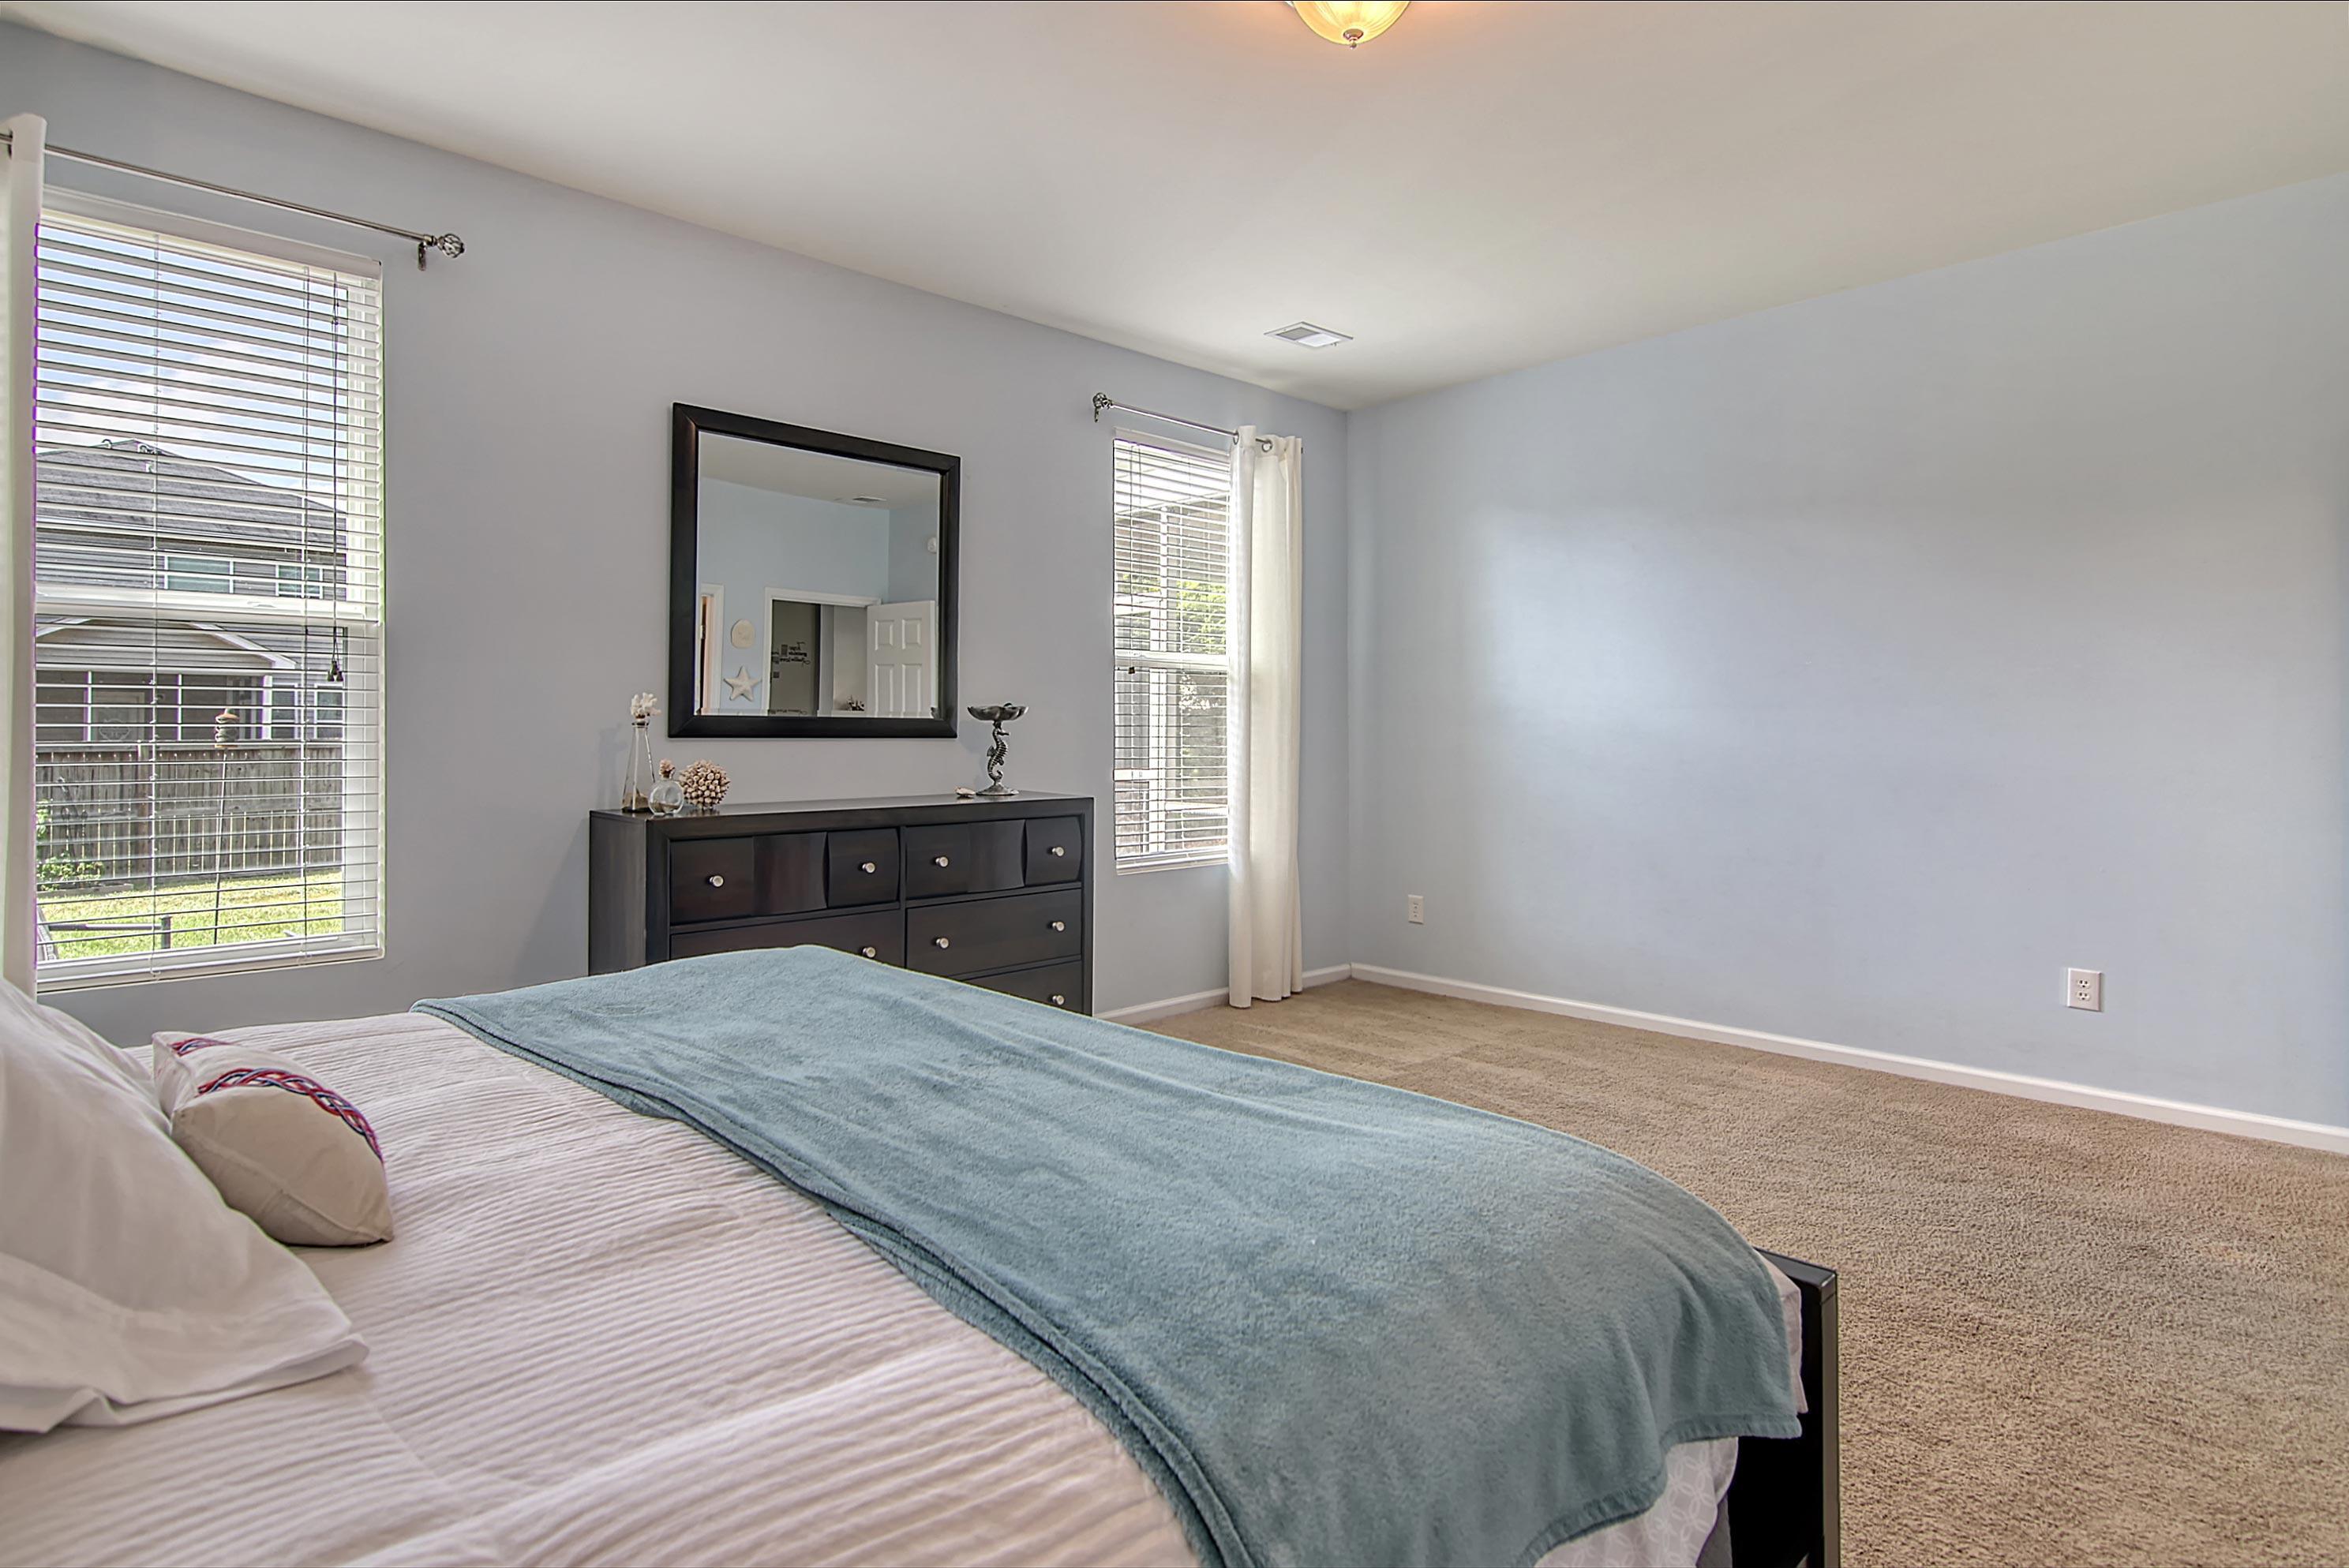 Lieben Park Homes For Sale - 3598 Franklin Tower, Mount Pleasant, SC - 2